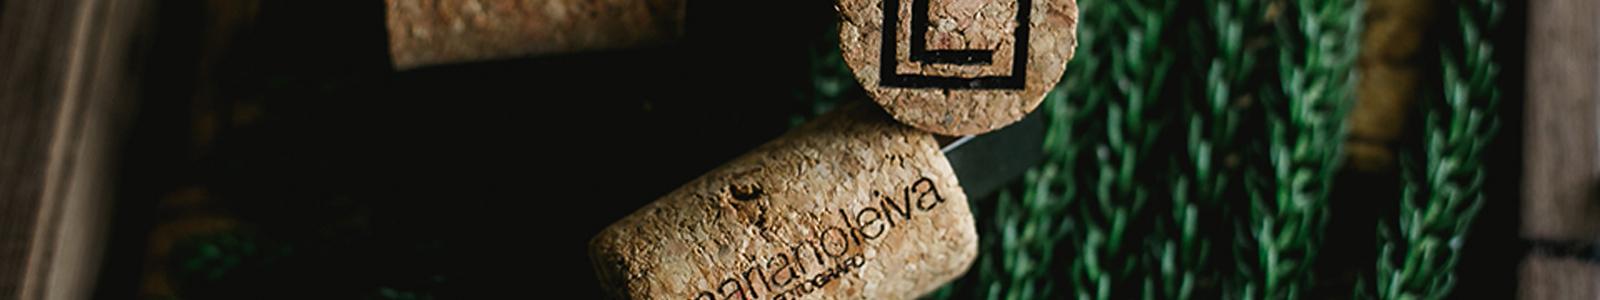 Fotografía personal. Mariano Leiva